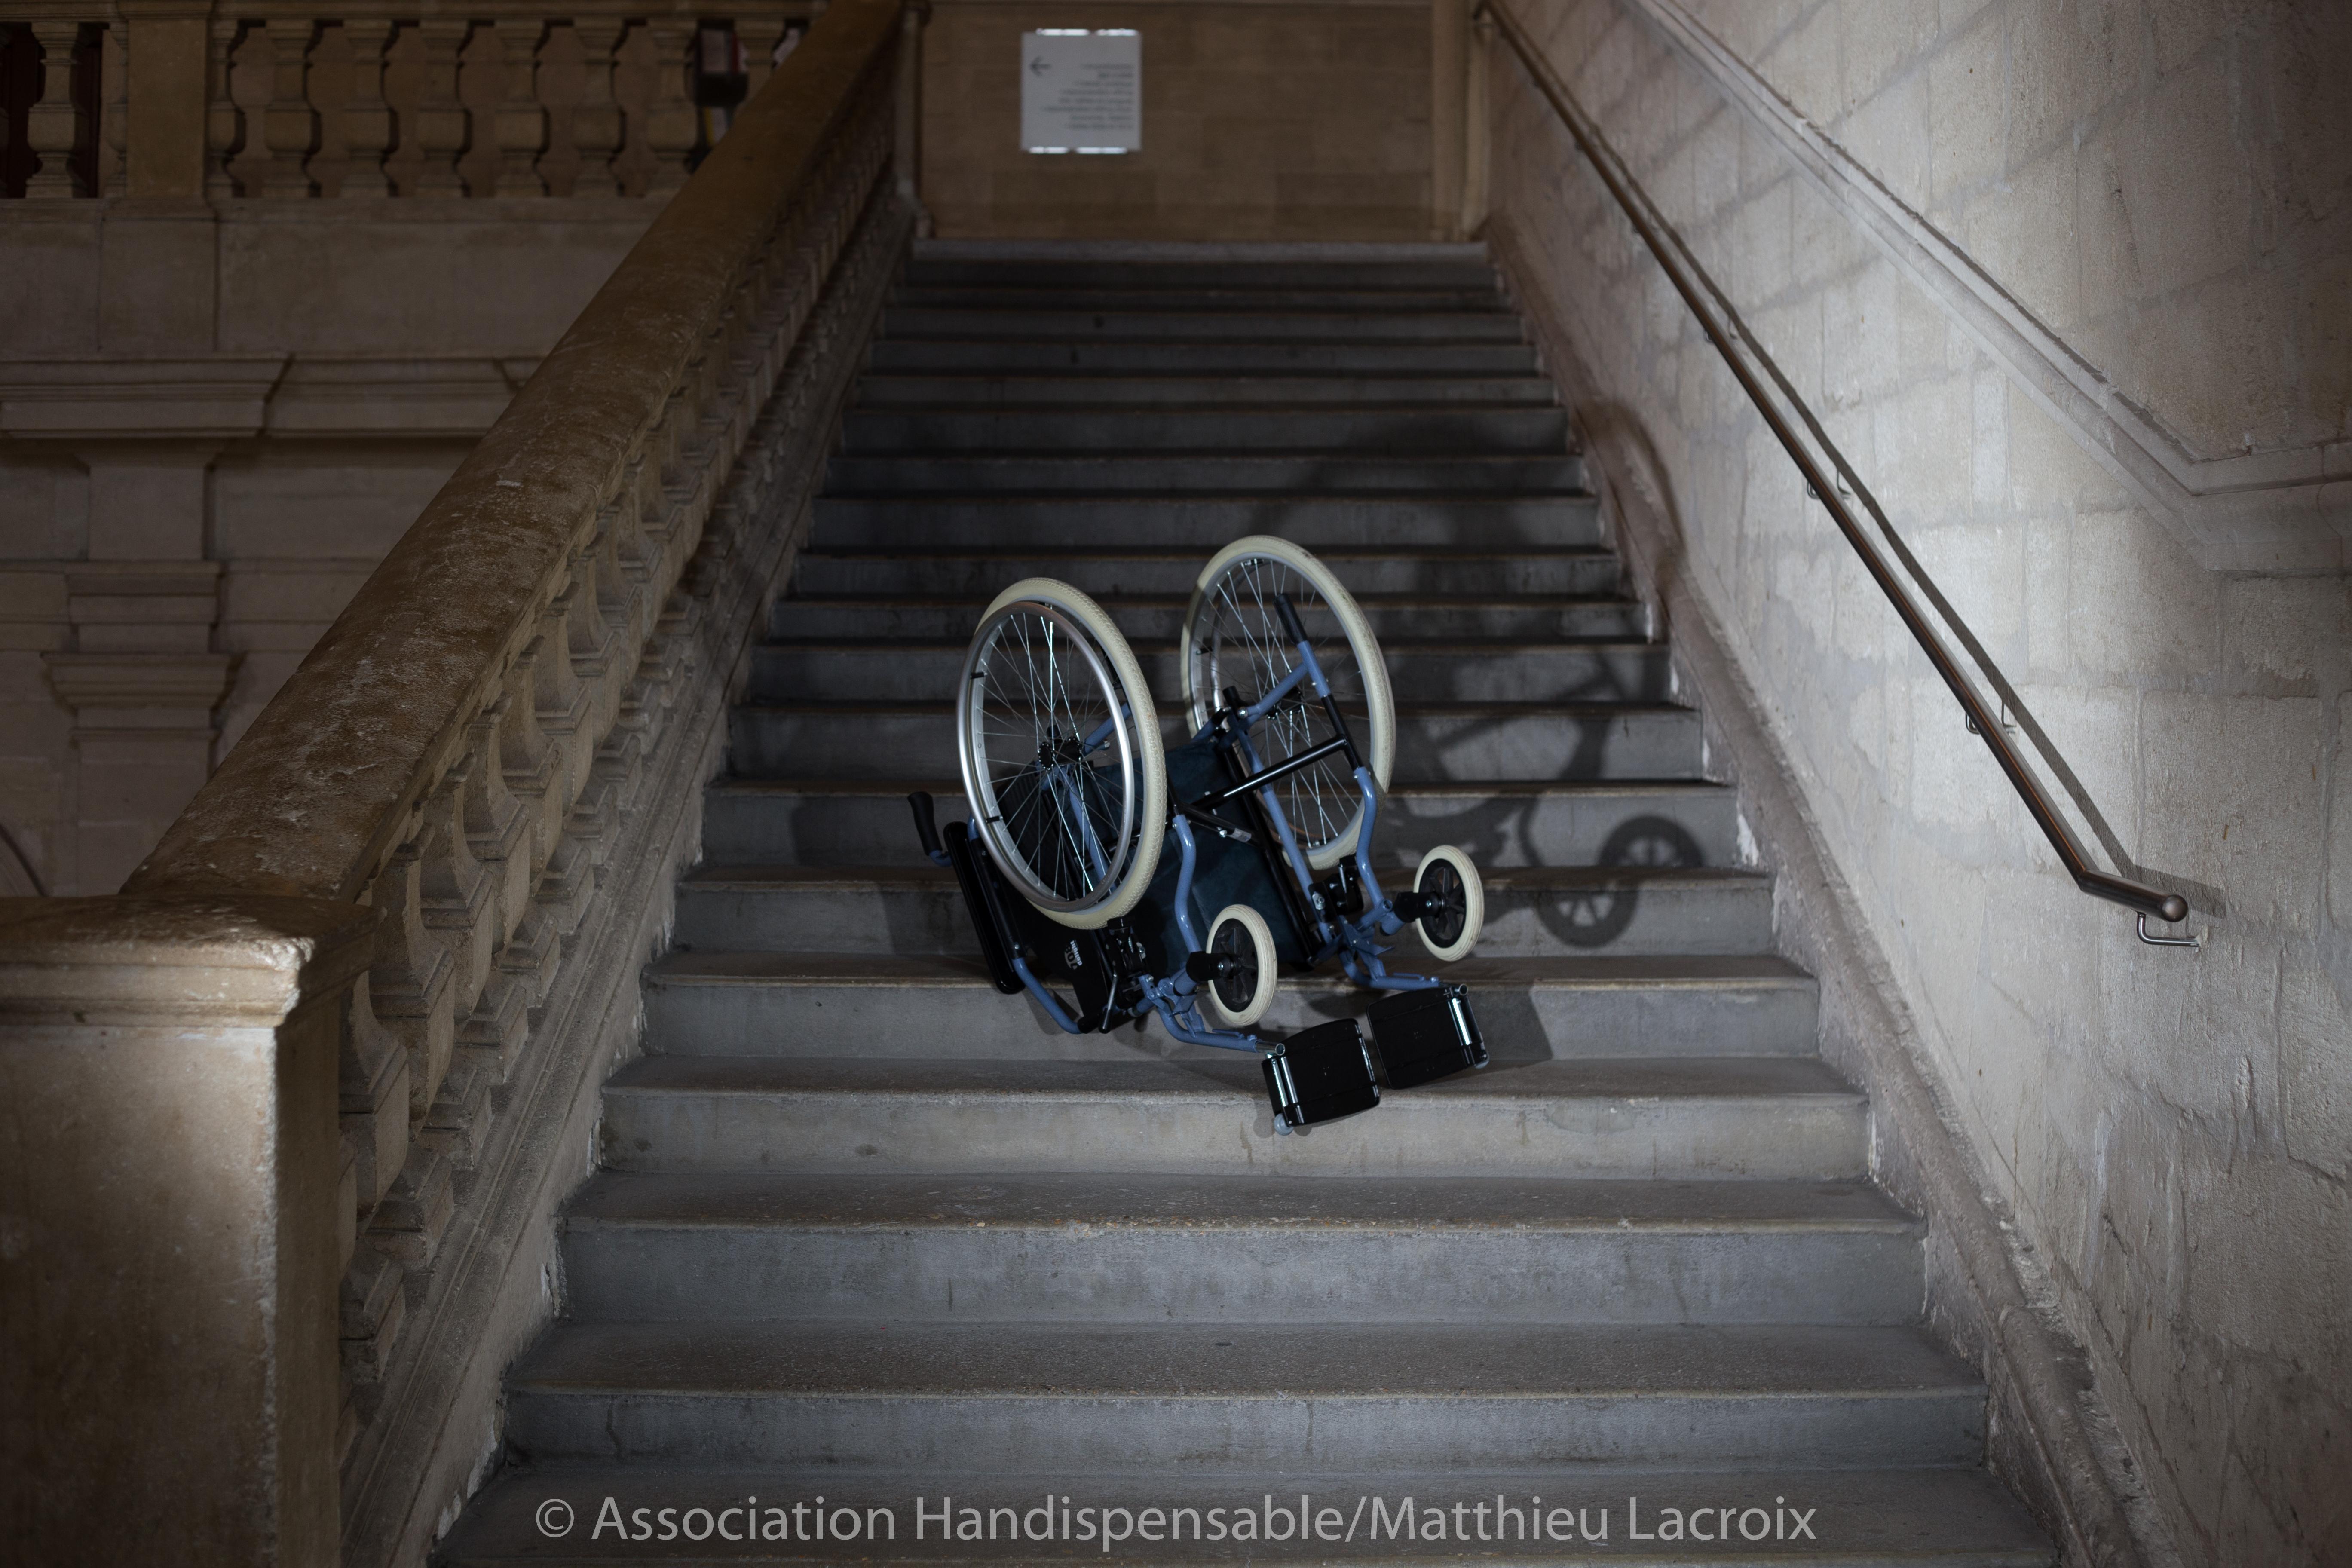 Photographie d'un fauteuil roulant renversé dans les escaliers. Illustre les problèmes d'accessibilité.